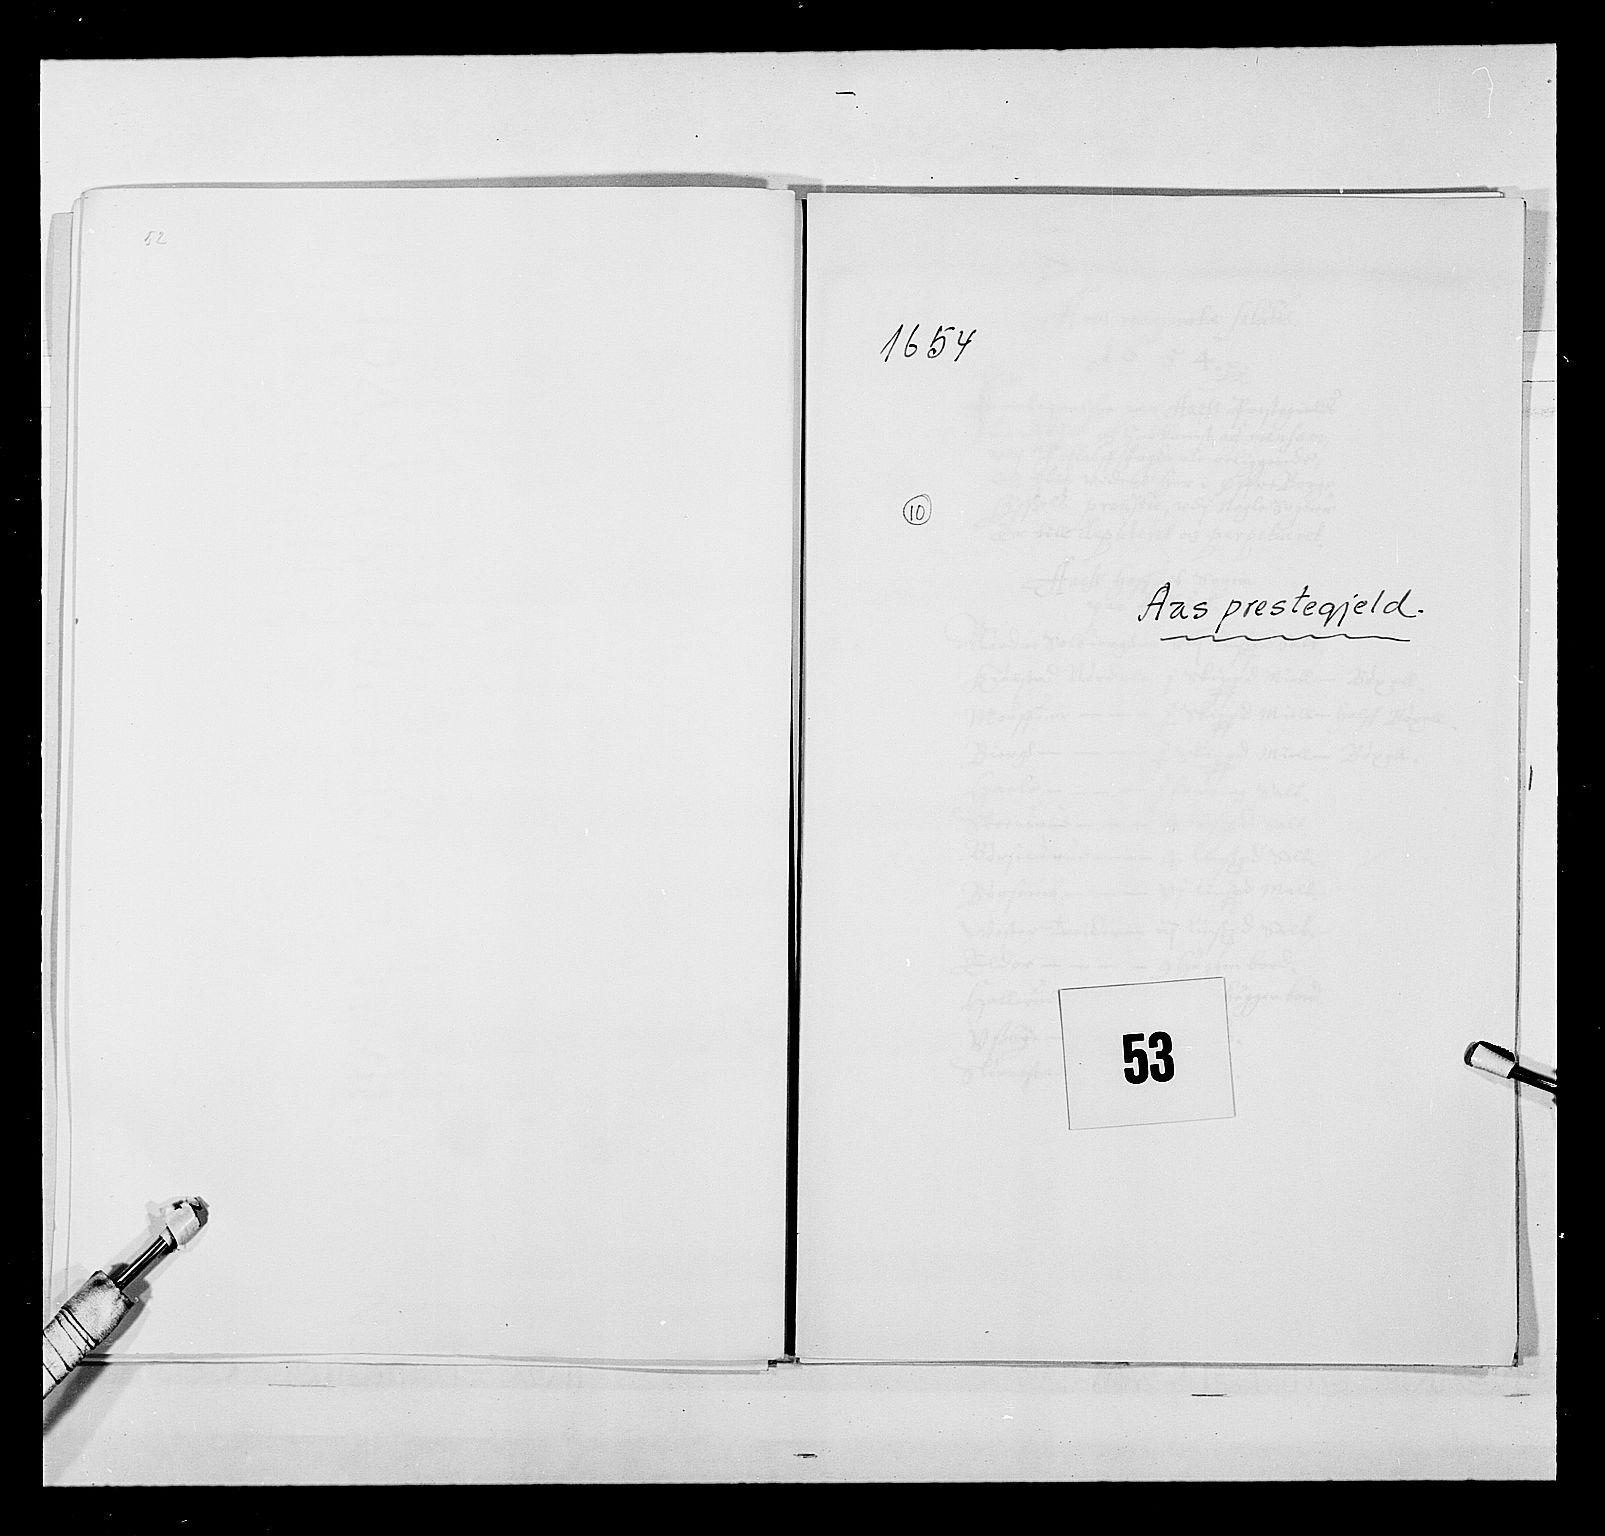 RA, Stattholderembetet 1572-1771, Ek/L0030: Jordebøker 1633-1658:, 1654, s. 253